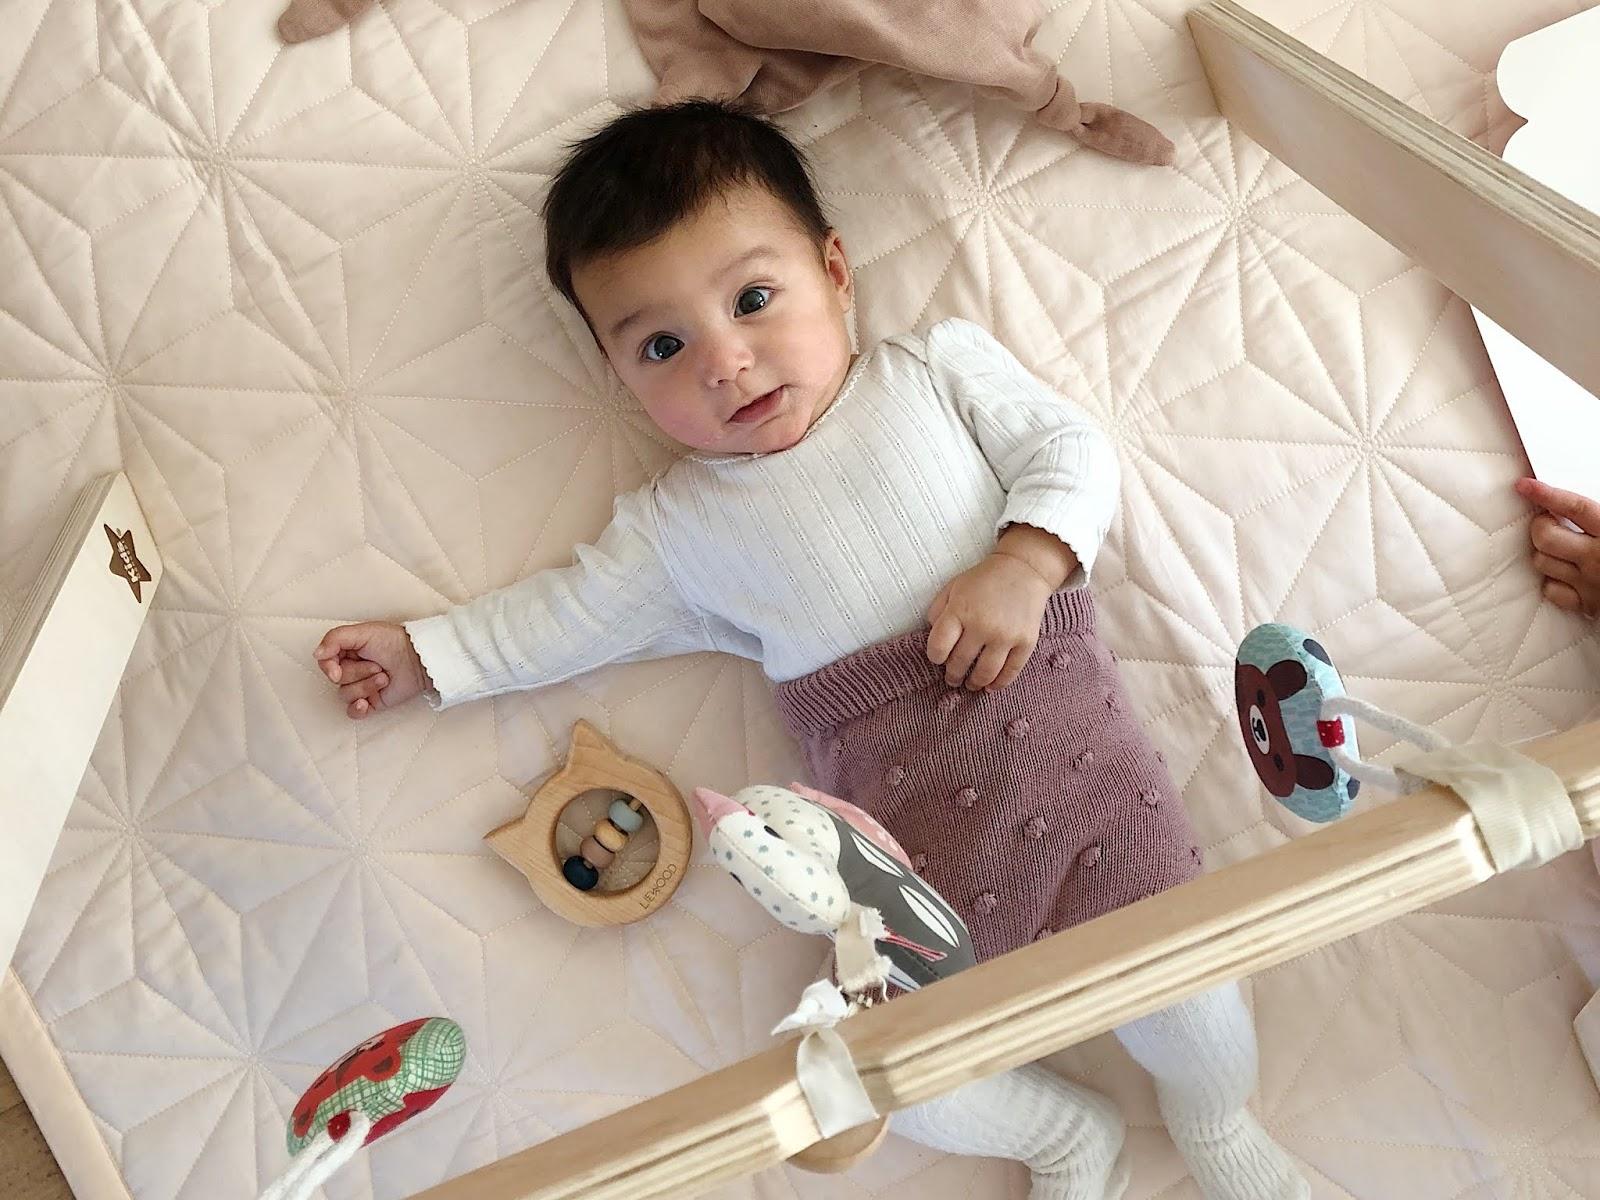 Vauva 3kk ja koliikkikuulumisia